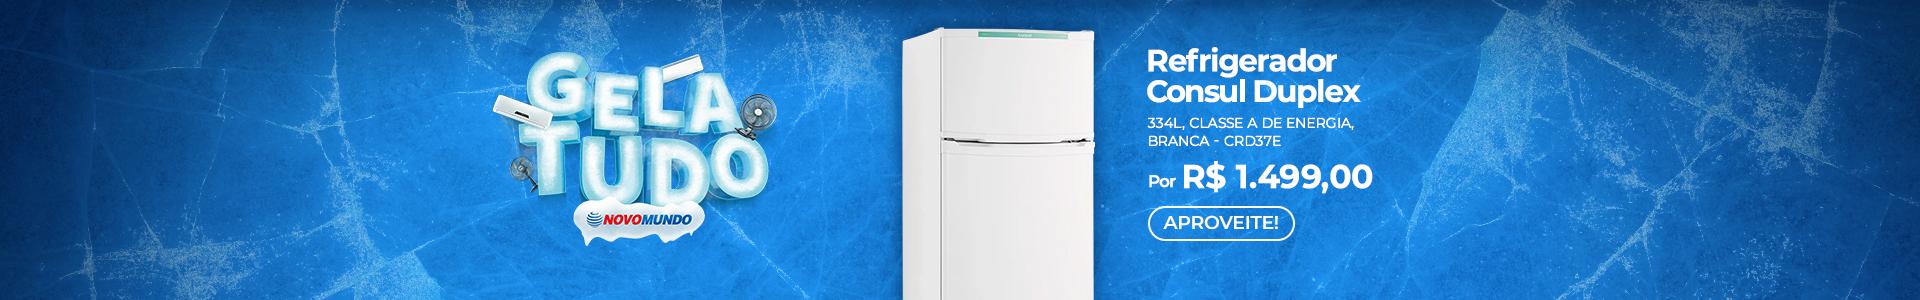 Refrigerador (09 a 15) e (16 a 22)